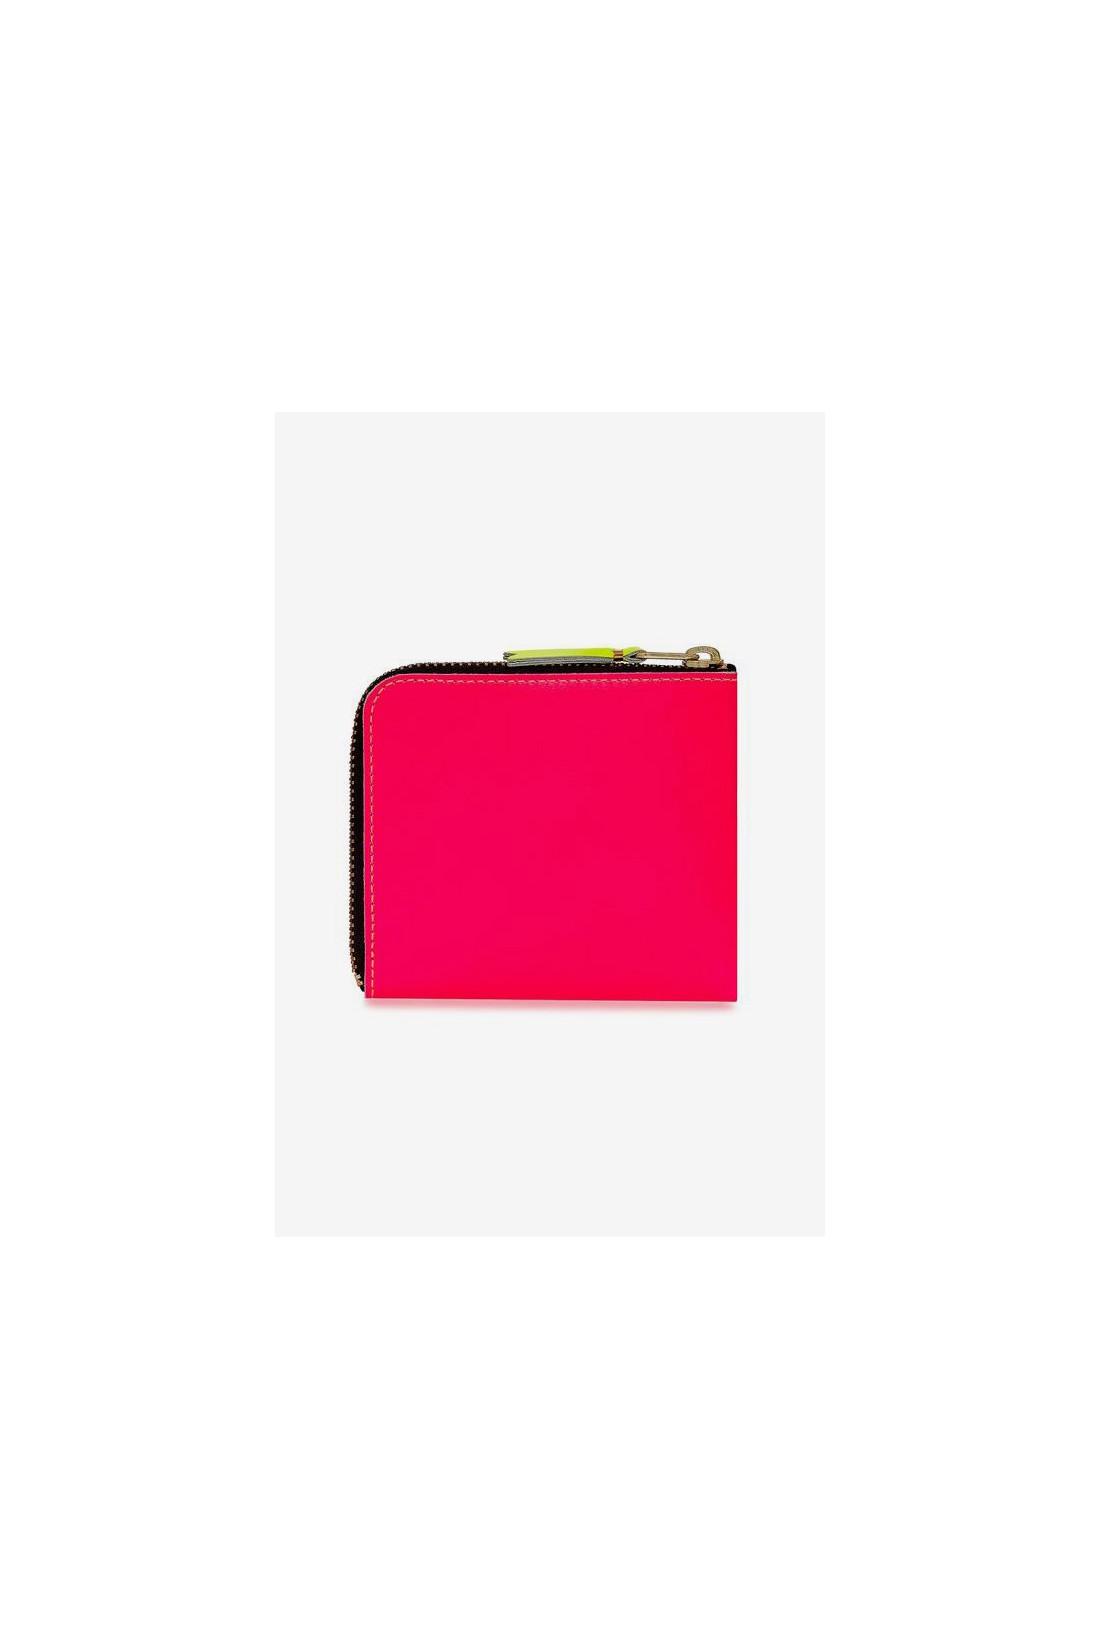 COMME DES GARÇONS WALLETS / Cdg super fluo sa3100sf Light orange pink